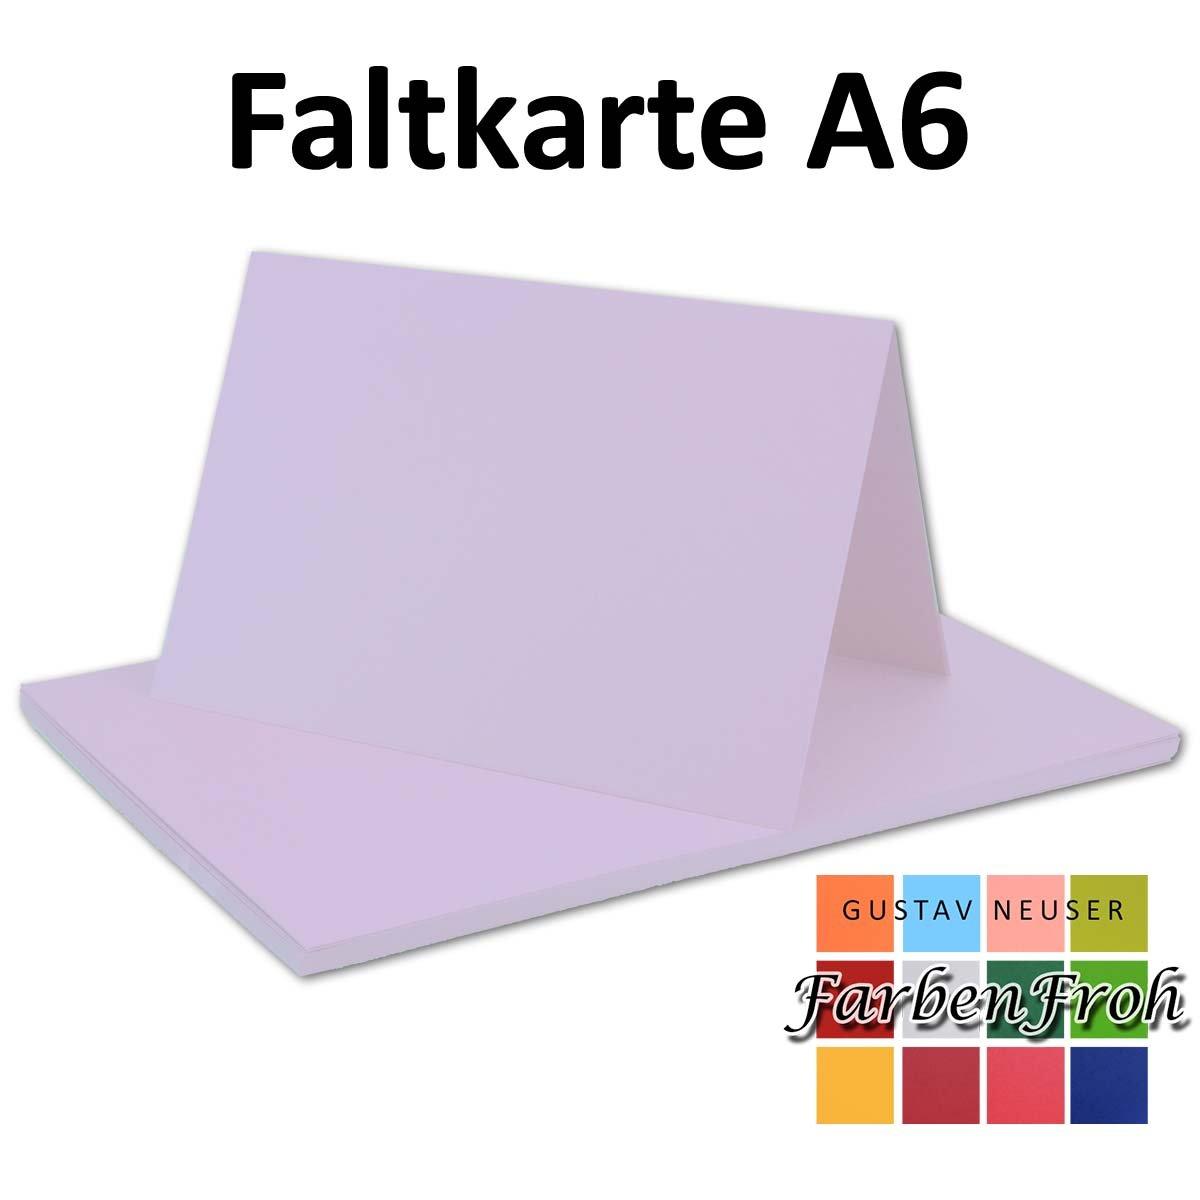 250x Falt-Karten DIN A6 Blanko Doppel-Karten in Hochweiß Kristallweiß -10,5 x 14,8 cm   Premium Qualität   FarbenFroh® B079VLCZ29 | Verbraucher zuerst